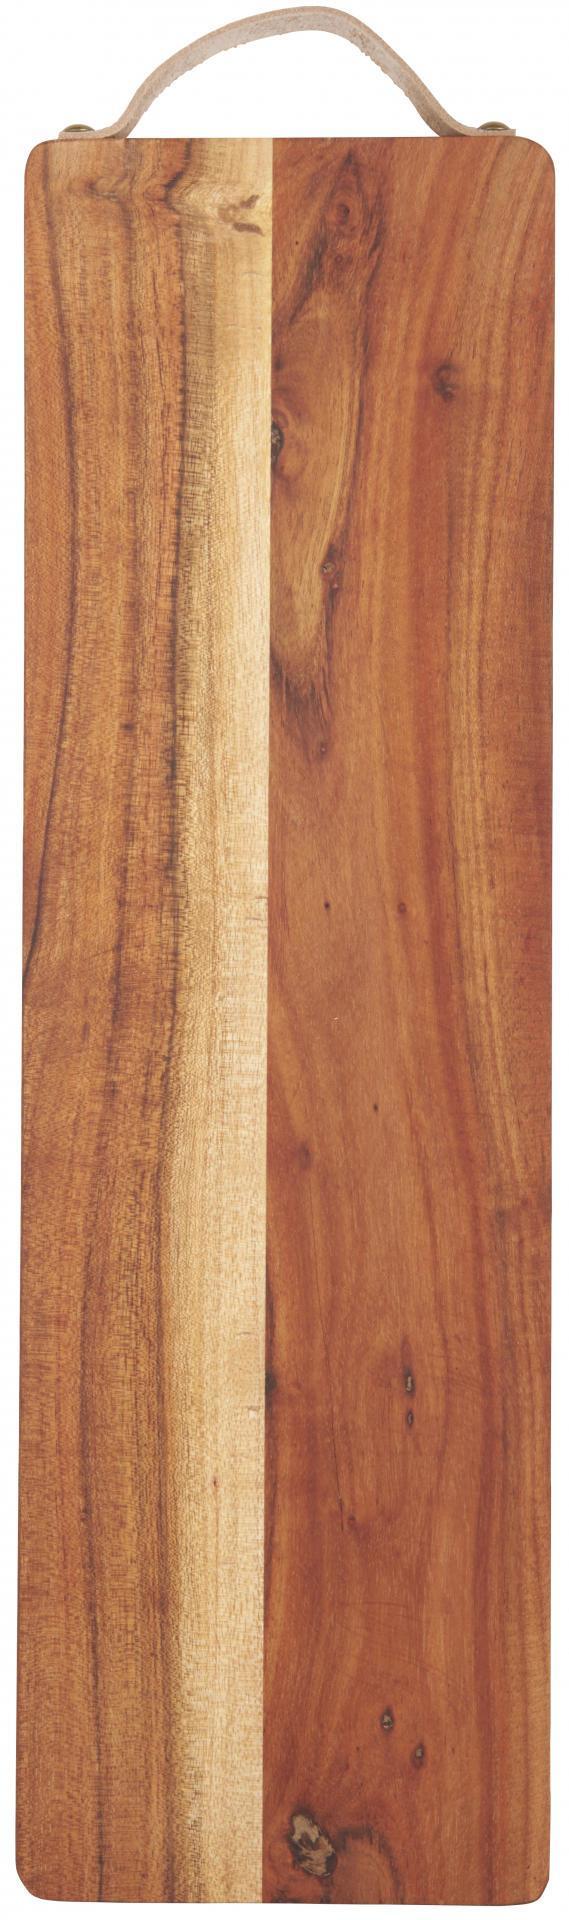 IB LAURSEN Dřevěné prkénko Oiled Acacia - větší, hnědá barva, přírodní barva, dřevo